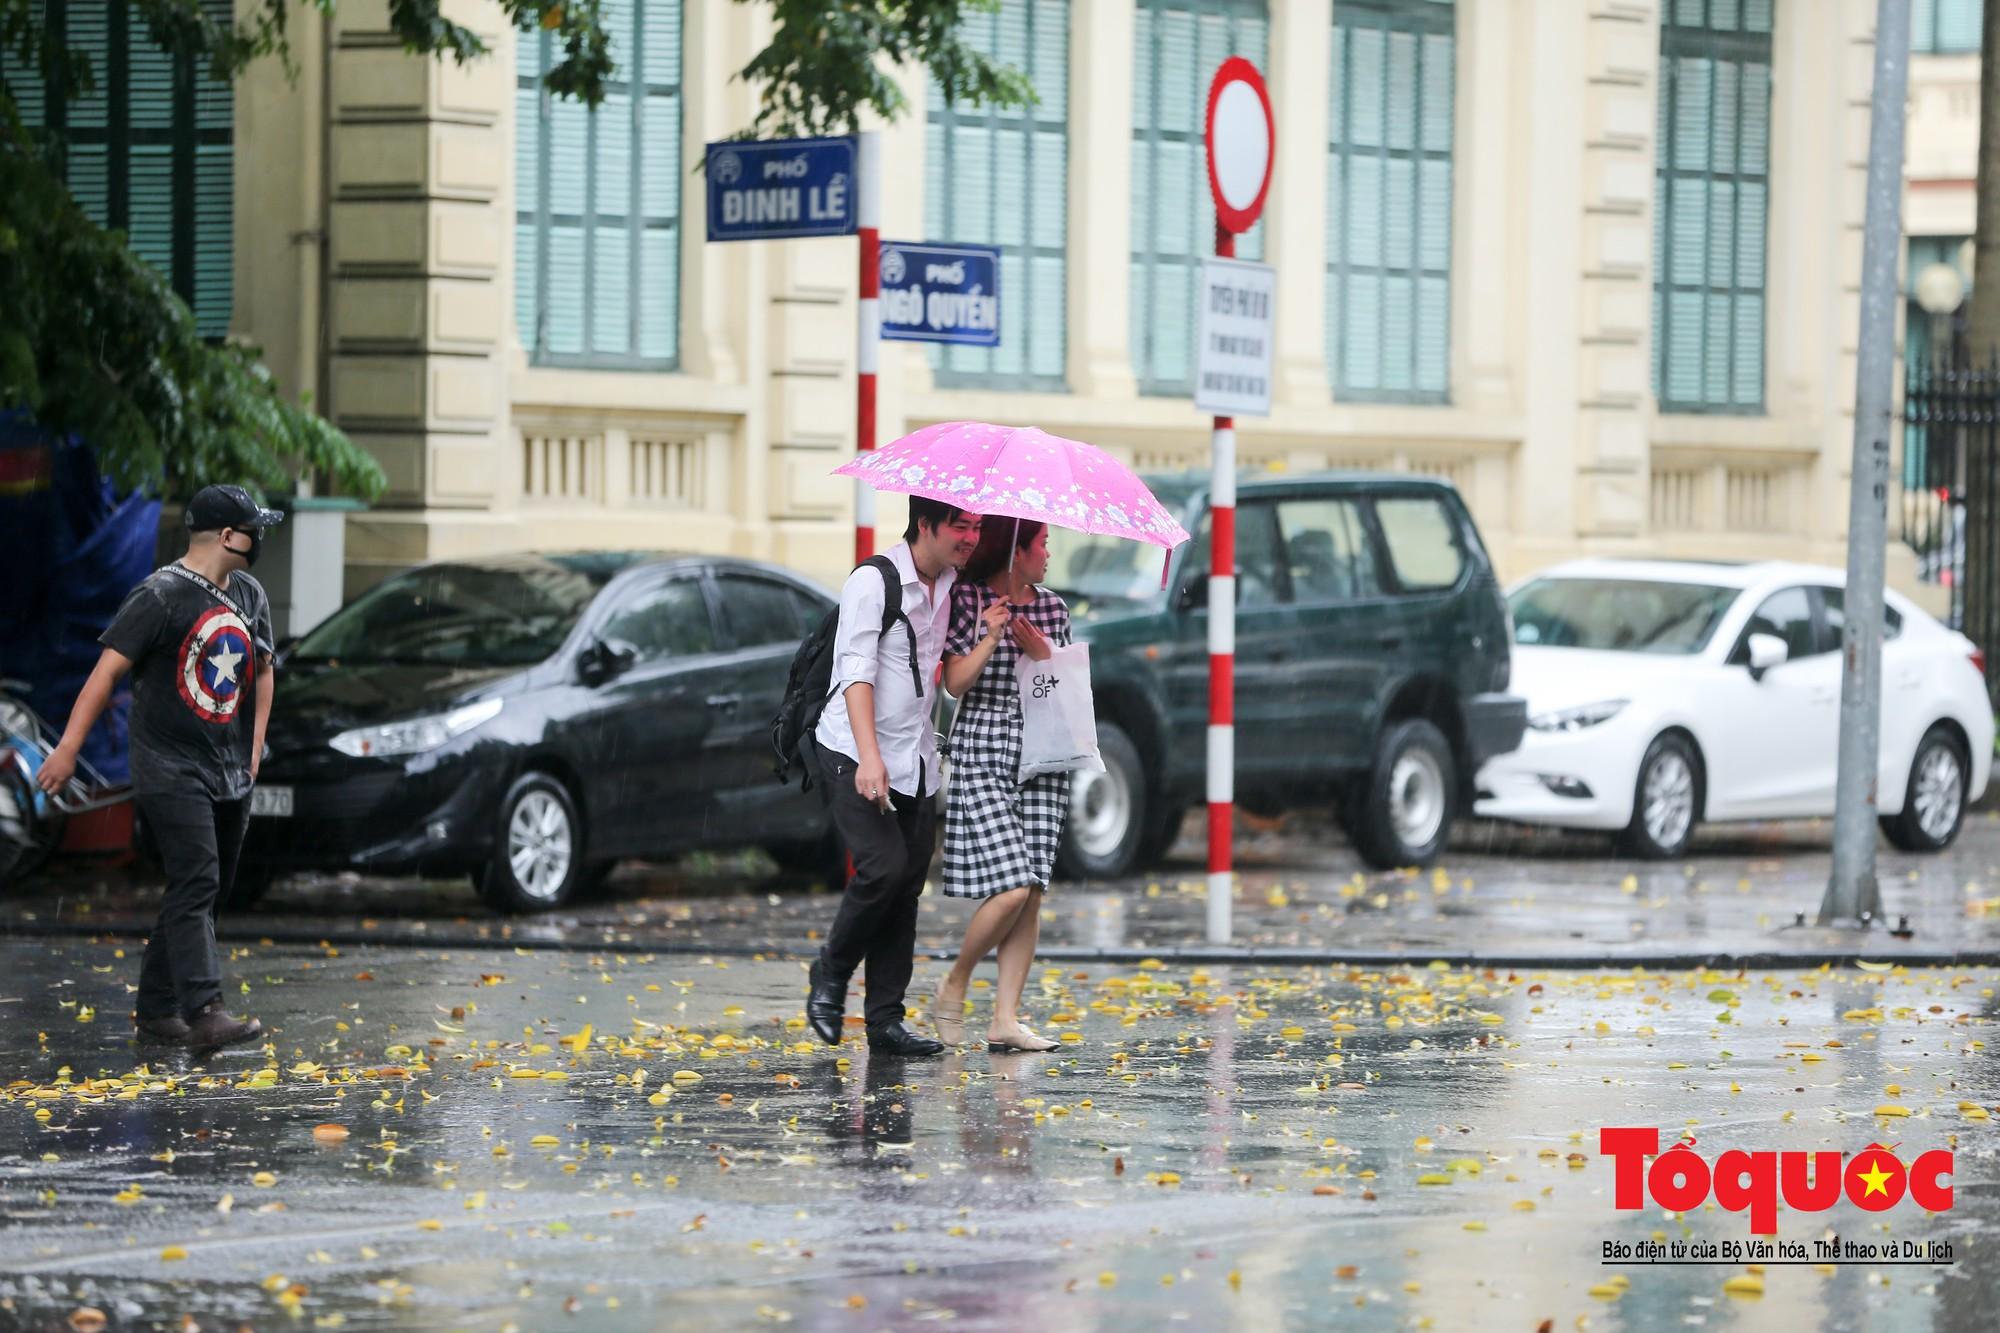 Cơn mưa lớn bất trợt khiến không khí ở thủ đô Hà Nội giảm bụi ô nhiễm nhanh chóng7